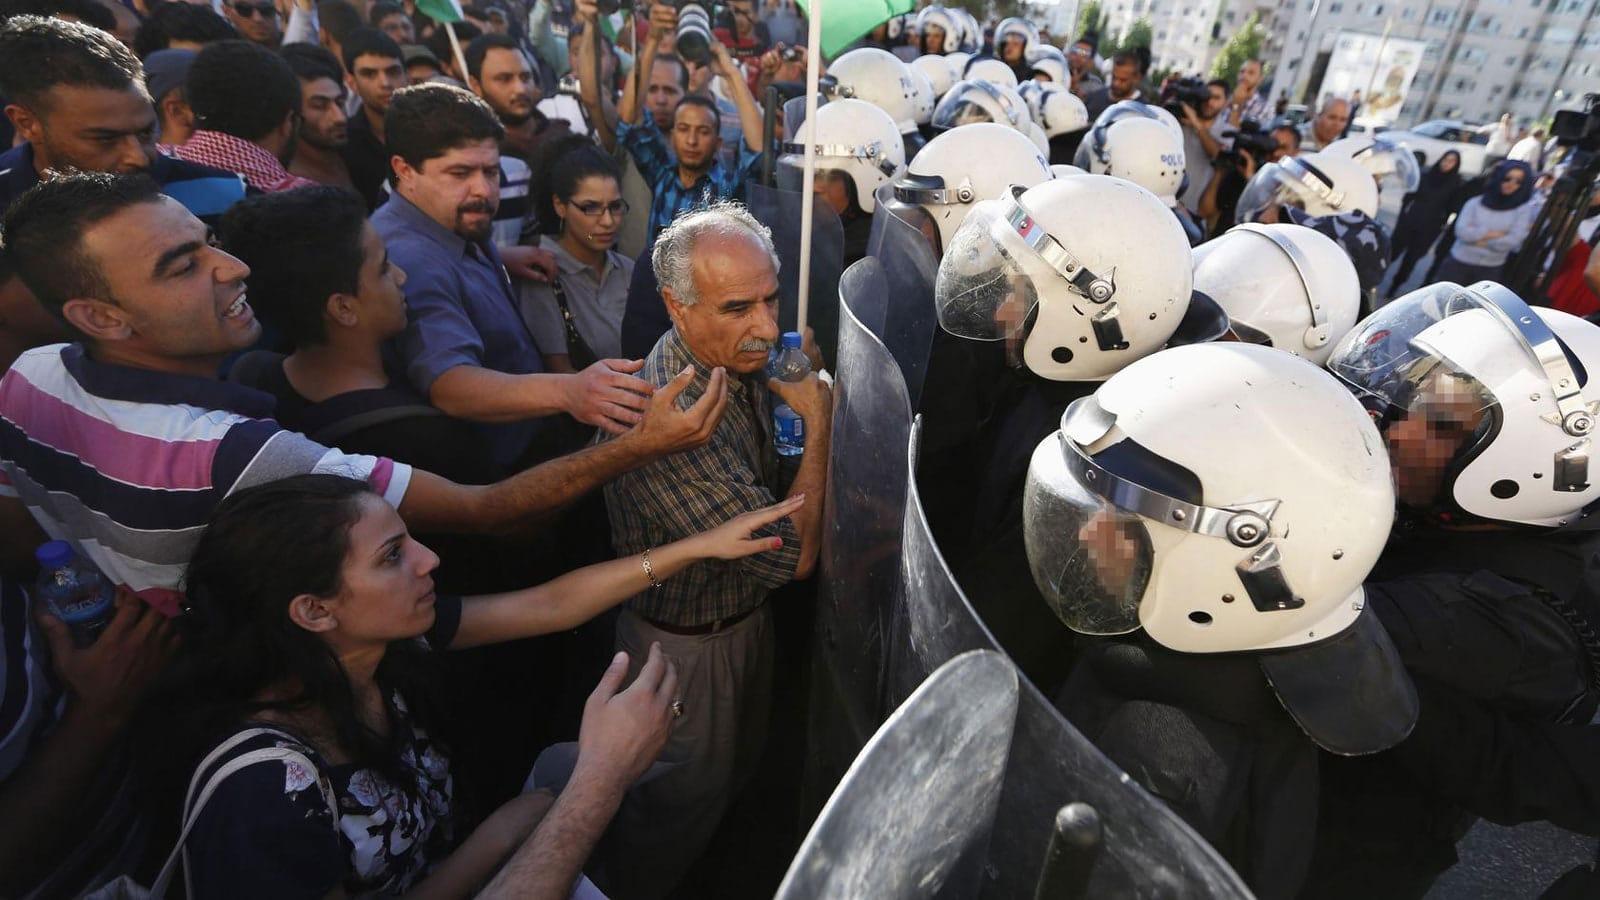 مظاهرات غاضبة في الضفة الغربية ضد رئيس السلطة الفلسطينية محمود عباس